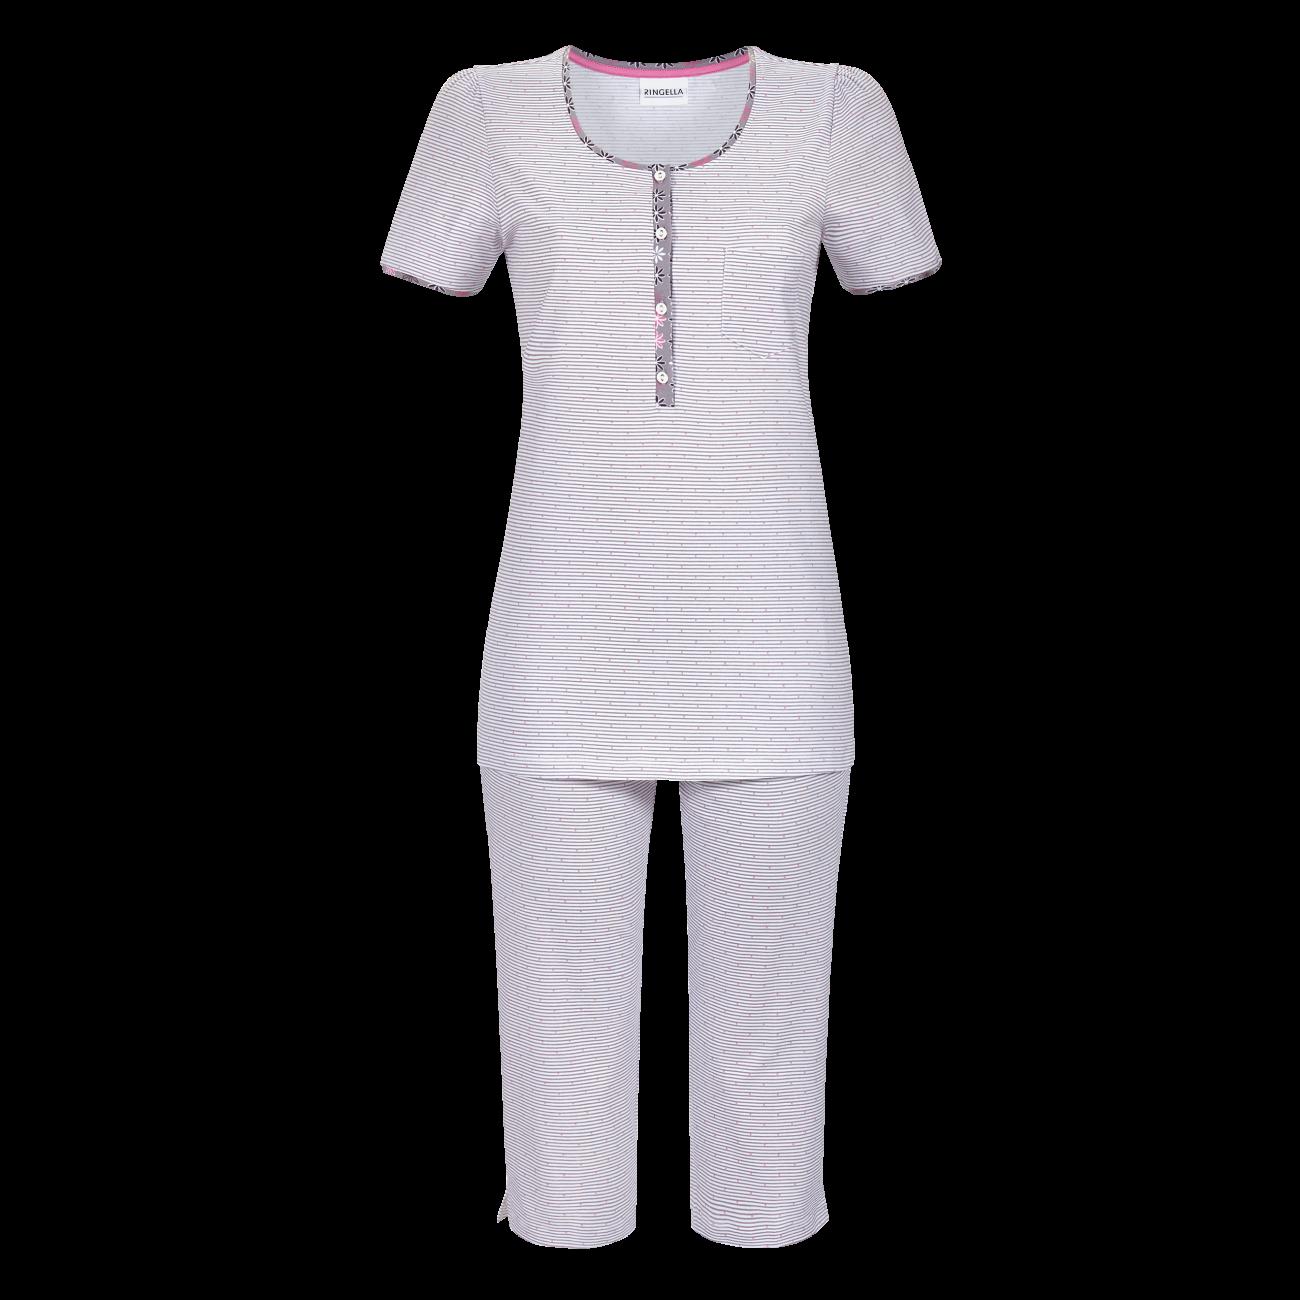 Pyjama mit Caprihose platin | 36